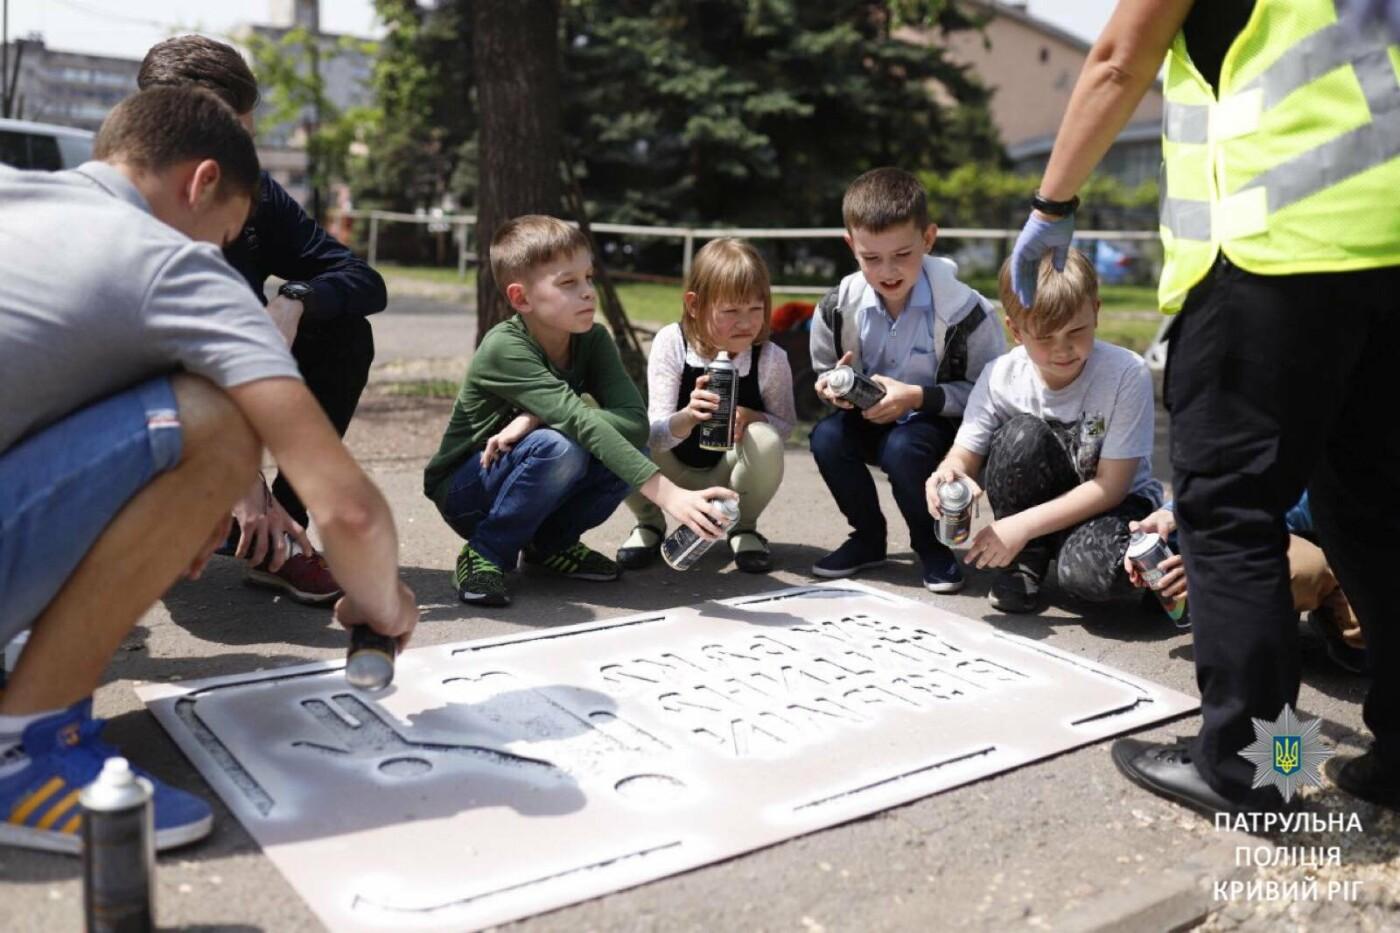 """""""Возьми ребенка за руку"""", """"Сними наушники"""" - в Кривом Роге появились надписи для пешеходов, - ФОТО, фото-8"""